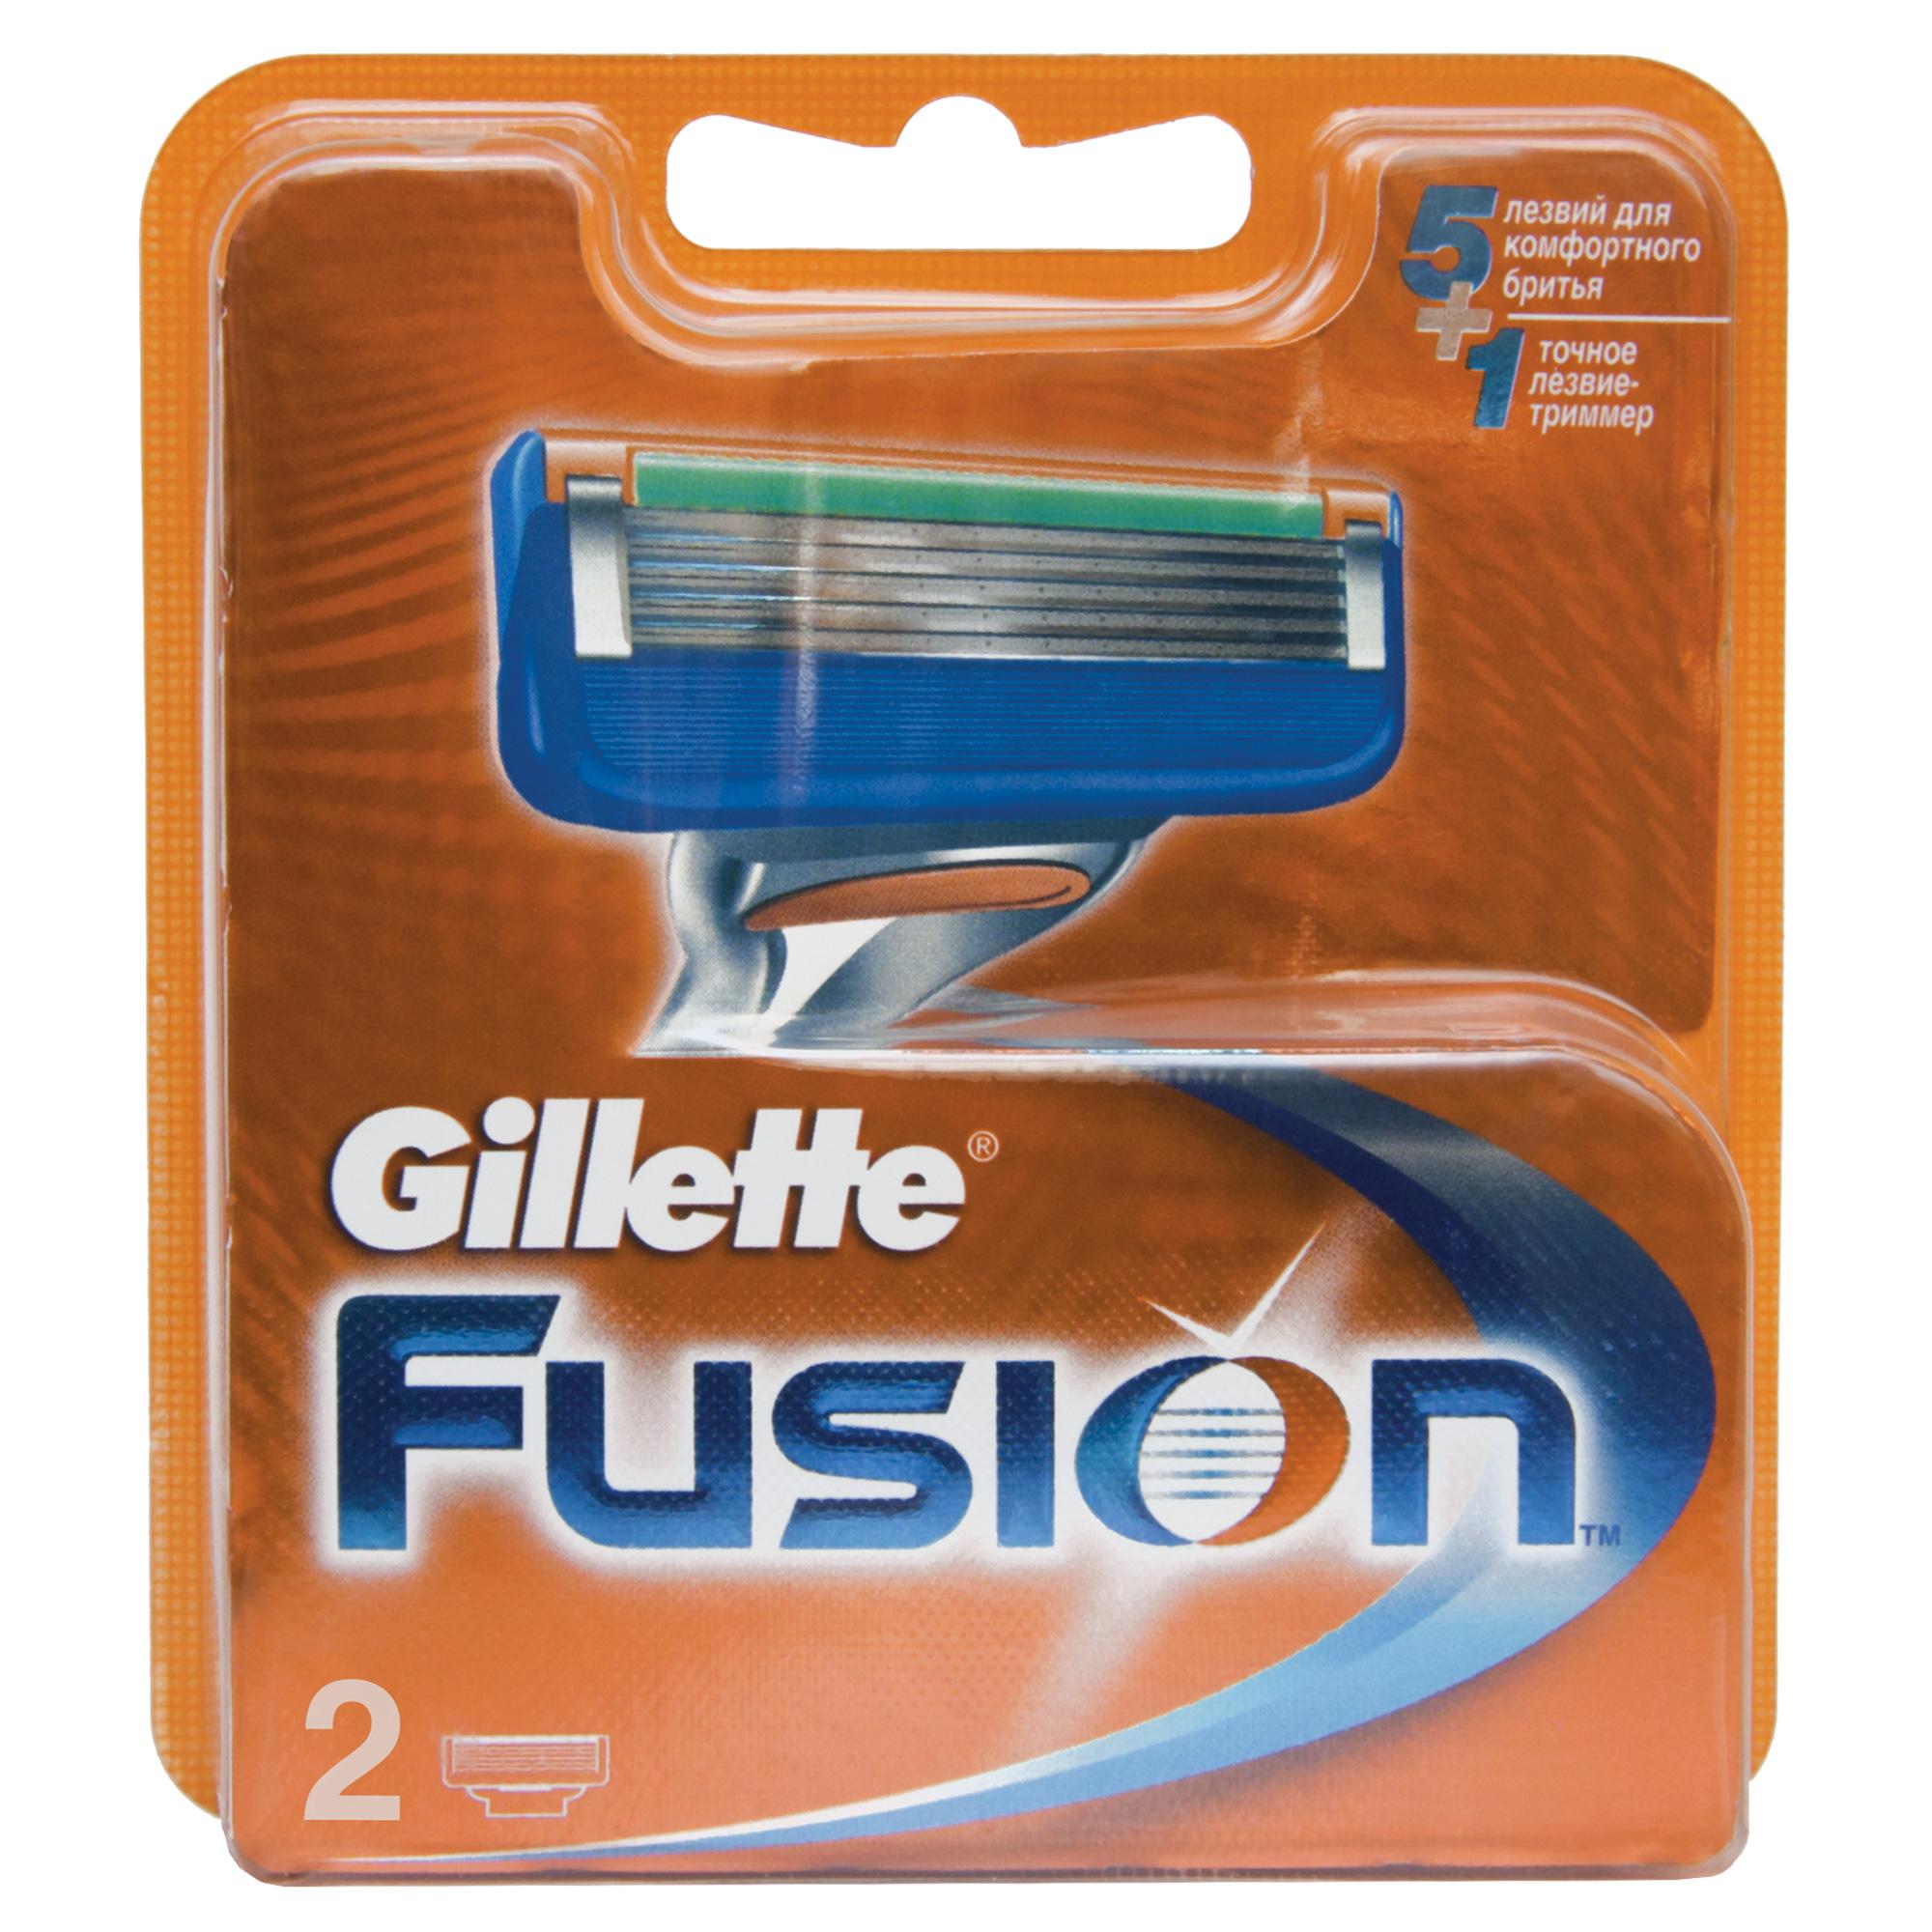 Gillette Fusion Сменные кассеты , 2 шт.EP9600F0Комфорт пяти лезвий + точность одного лезвия-триммера. Технология 5-лезвийной бреющей поверхности: 5 лезвий PowerGlide™, расположенных ближе друг к другу, позволяют снизить давление на кожу для уменьшения раздражения и большего комфорта чем у Mach3®. 15 специальных микро гребней Fusion помогают разглаживать неровную поверхность кожи, позволяя 5 лезвиям скользить максимально гладко. Увлажняющая полоска теряет цвет, сигнализируя о необходимости сменить лезвие. Преимущества: Комфорт пяти лезвий + точность одного лезвия-триммера. Технология из 5 лезвий обеспечивает меньшее давление на кожу по сравнению с бритвами Mach 3. Улучшенная увлажняющая полоска обеспечивает еще более плавное скольжение картриджа по поверхности кожи по сравнению с бритвами Mach 3. Лезвие-триммер оптимизирует бритье на сложных участках, таких как виски, область под носом и шея.